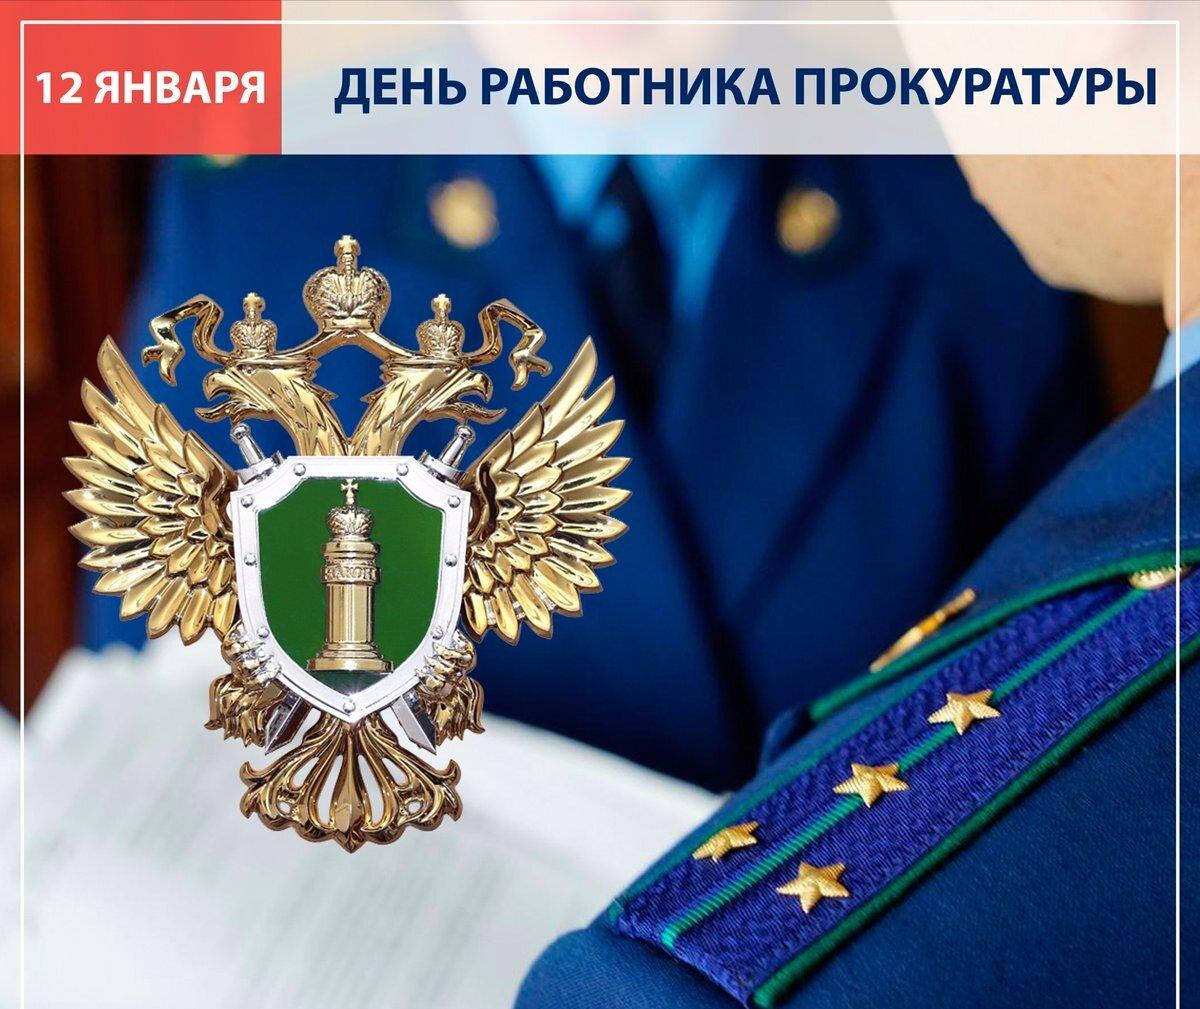 Поздравления генерального прокурора с нем прокуратуры